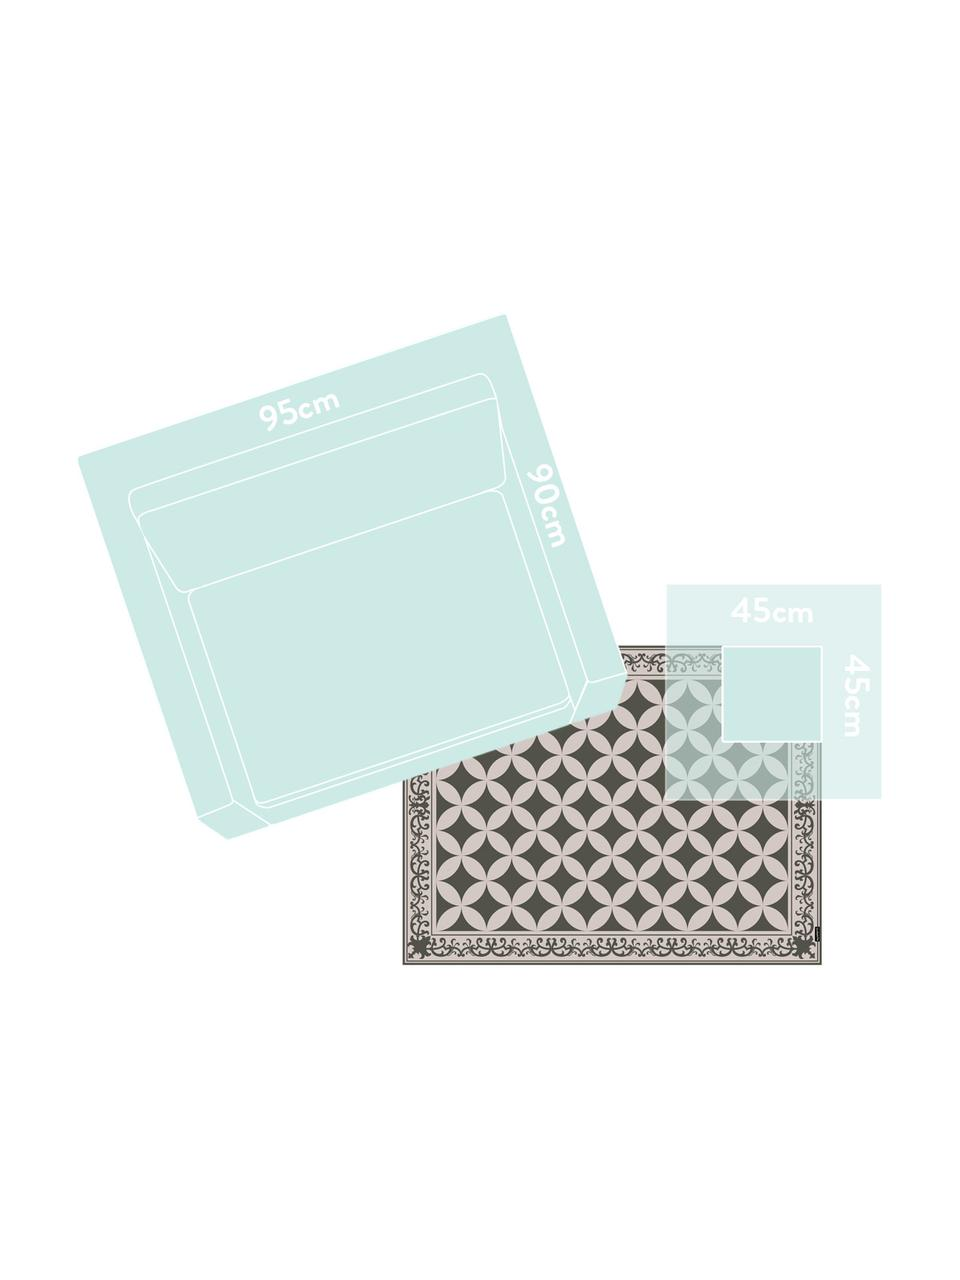 Vinyl-Bodenmatte Aladdin, Vinyl, recycelbar, Khaki, Beige, 65 x 85 cm